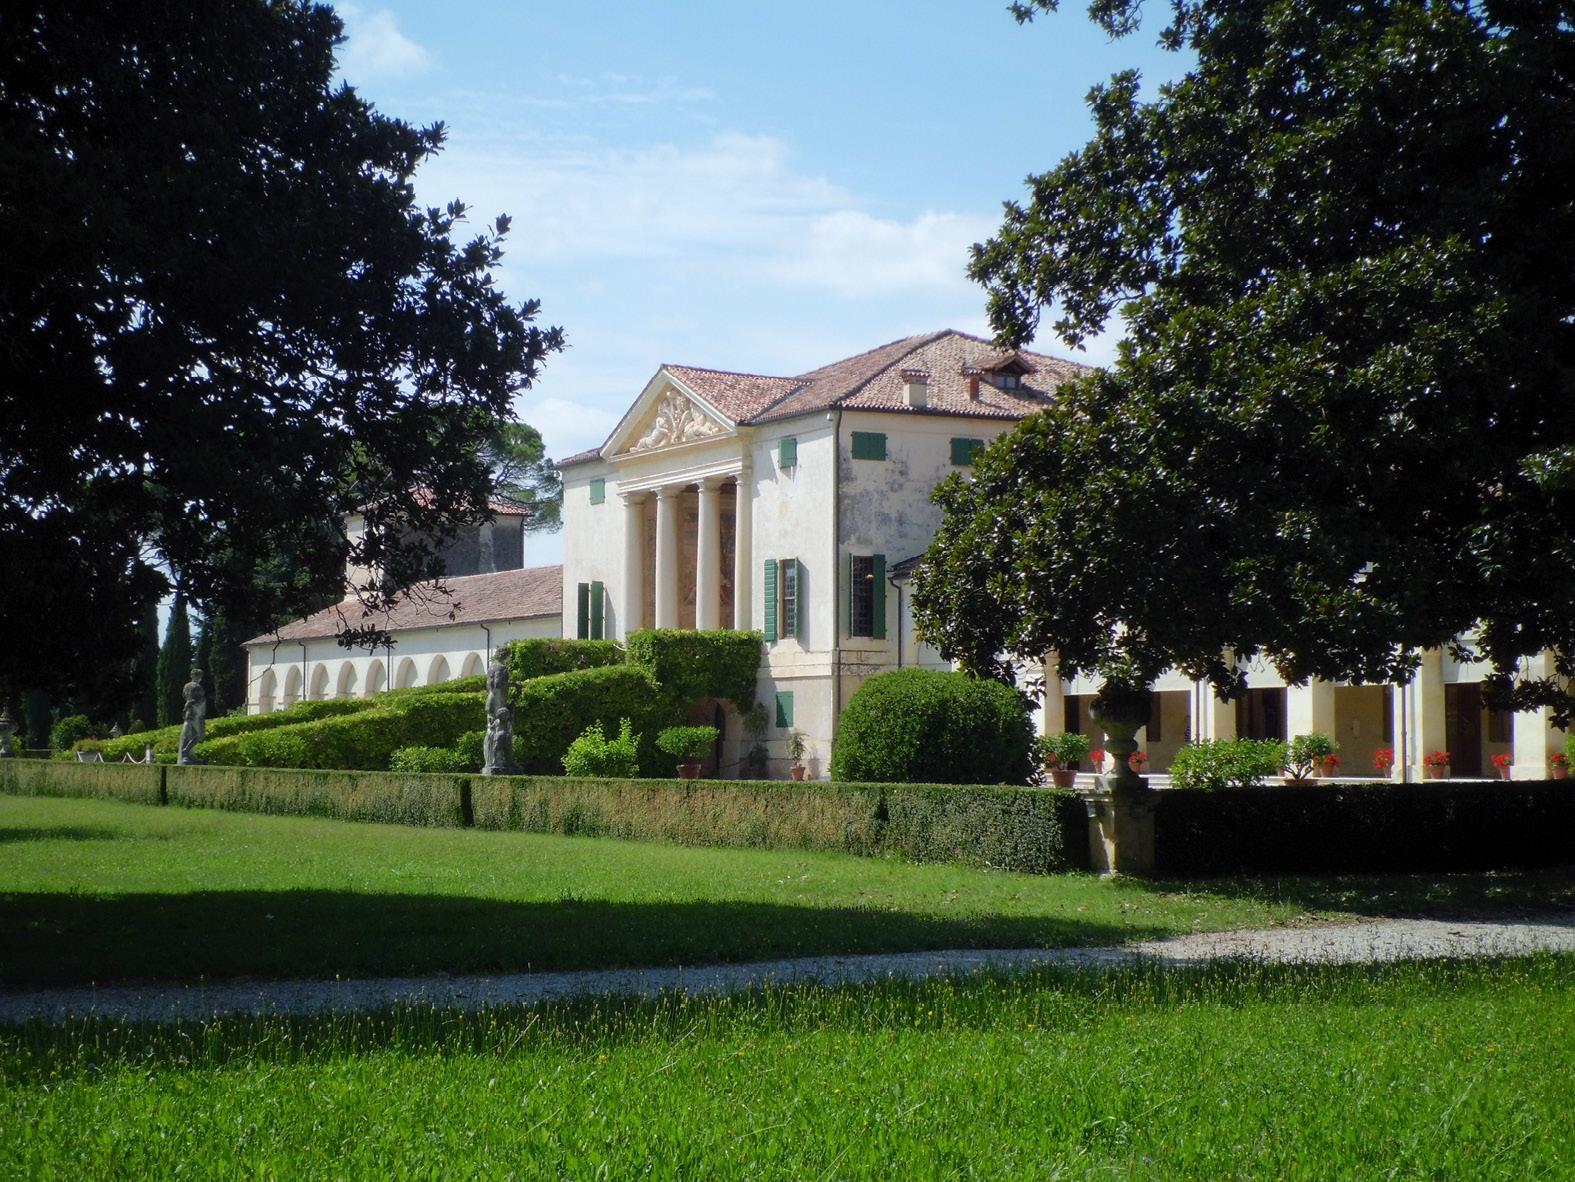 Villa Emo in Fanzolo